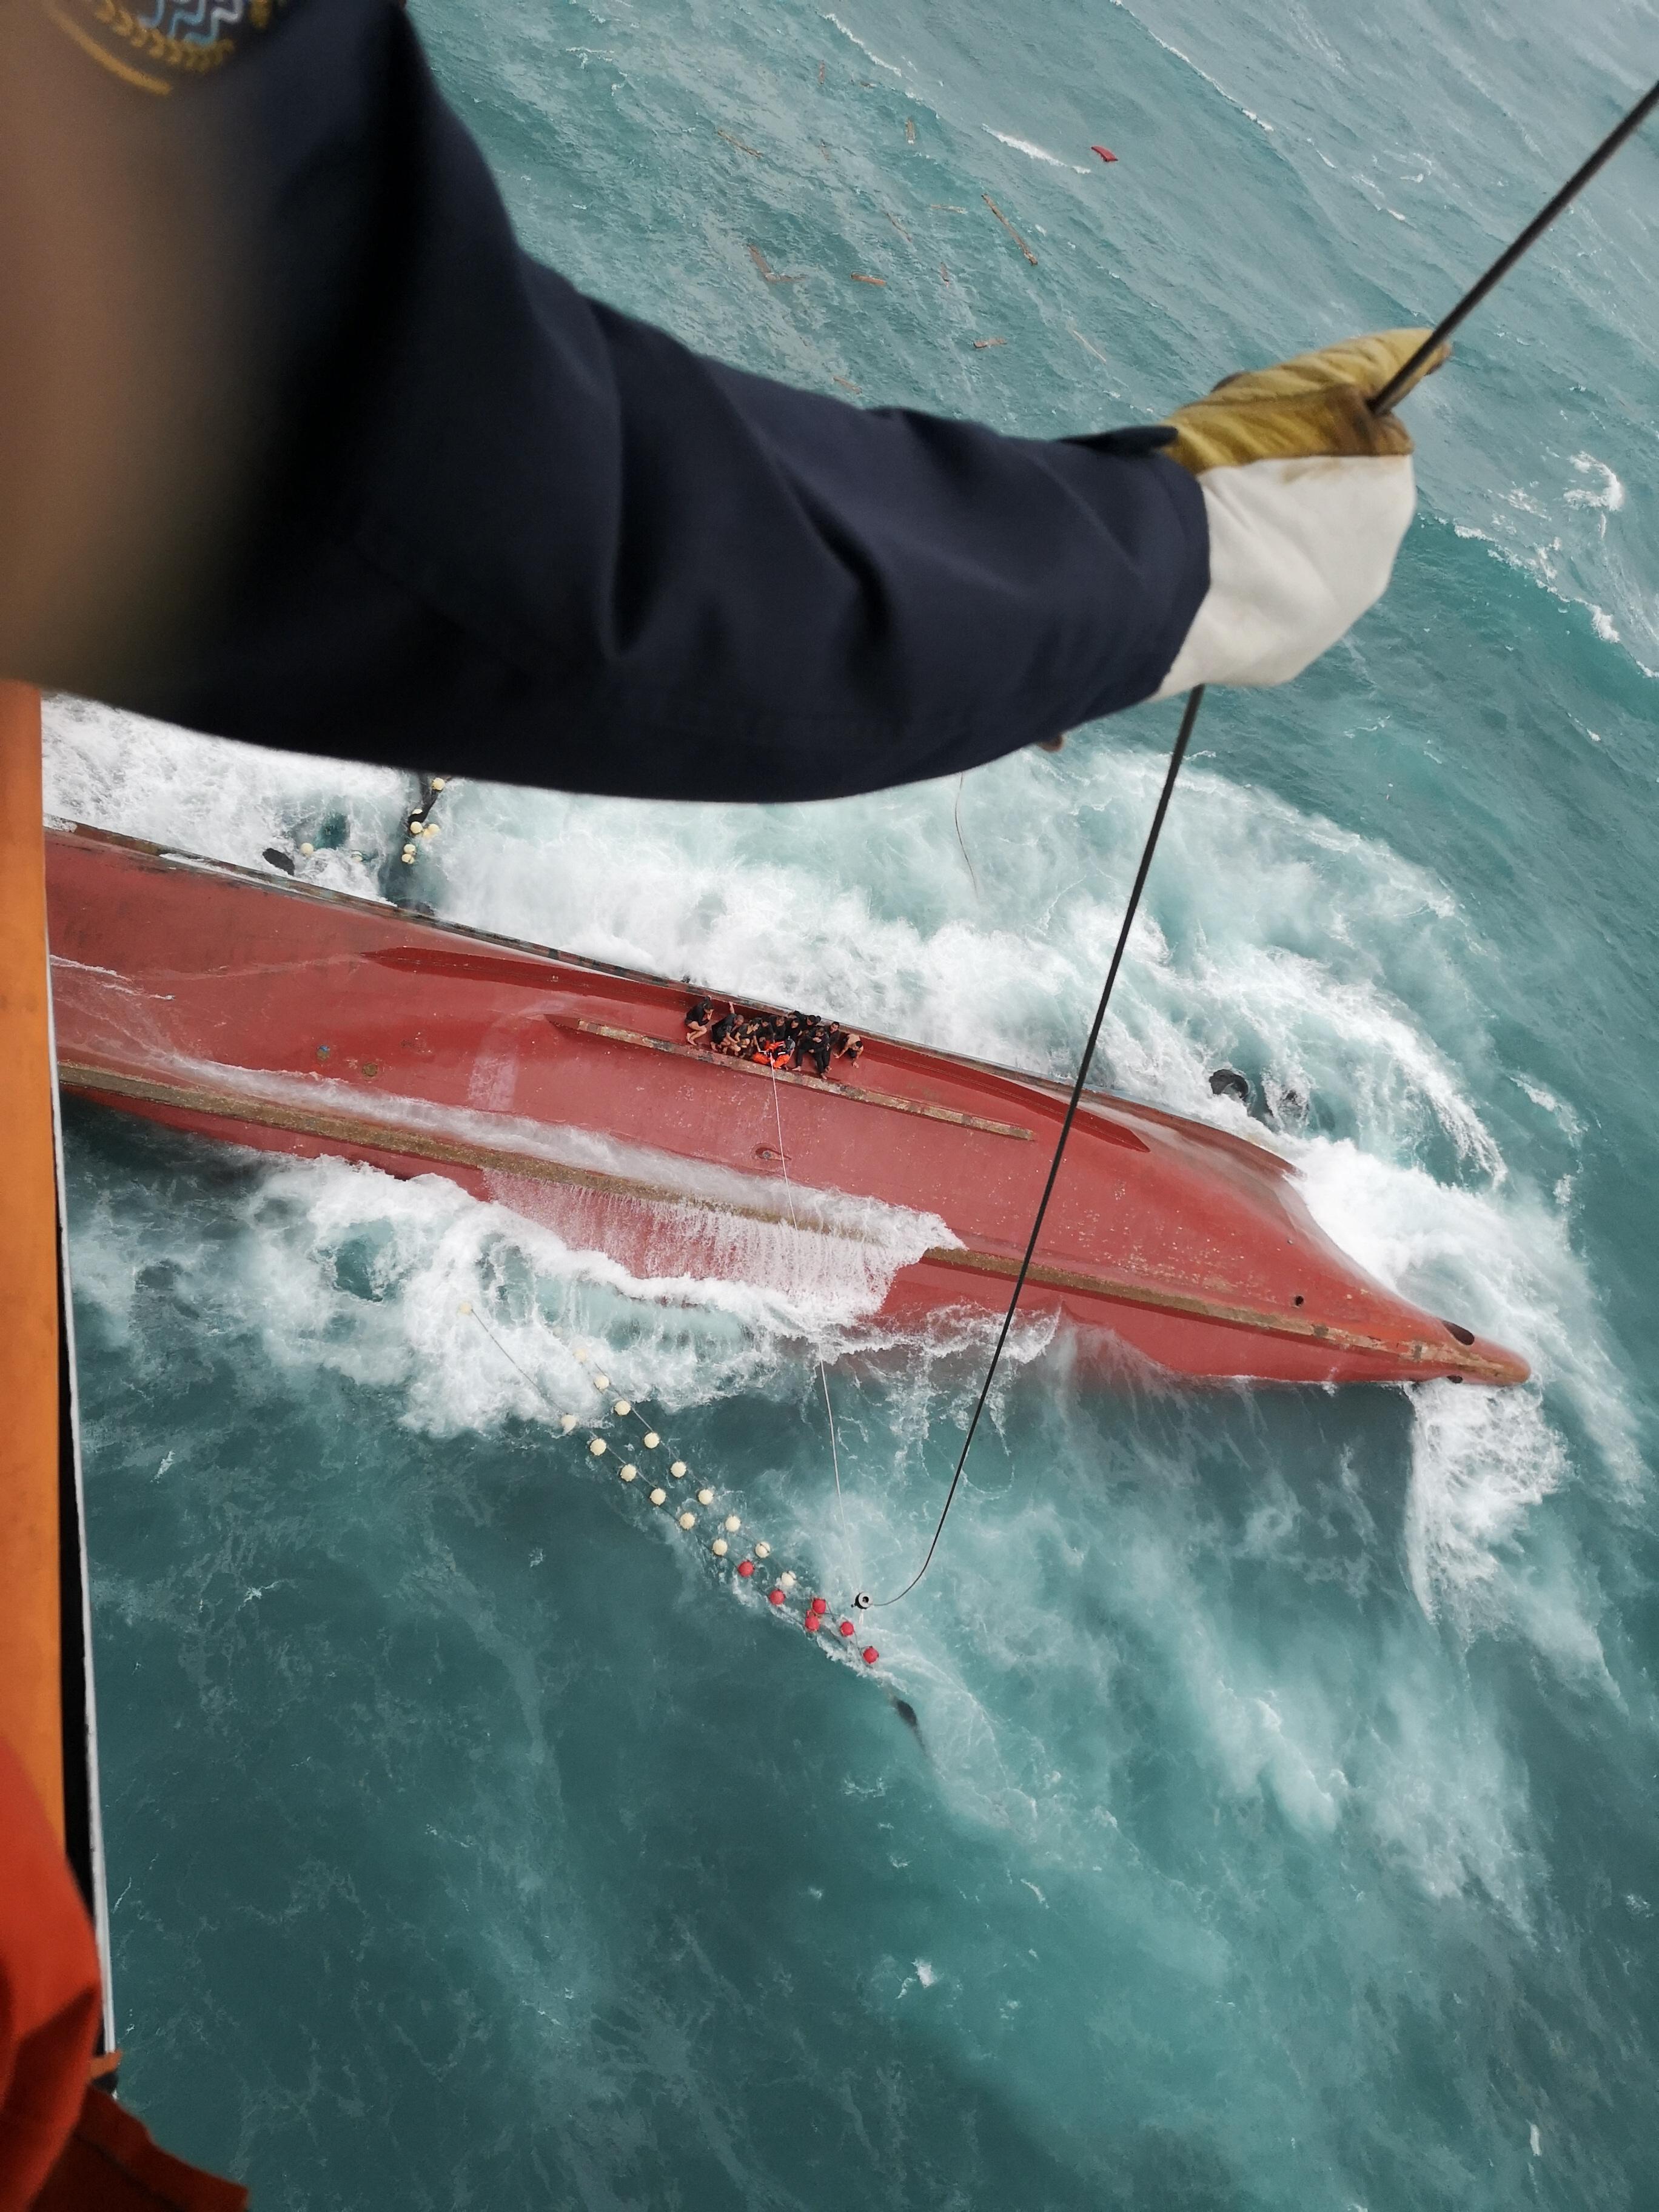 福建渔船翻沉位置为台湾海峡,救助者做好潜水探摸准备